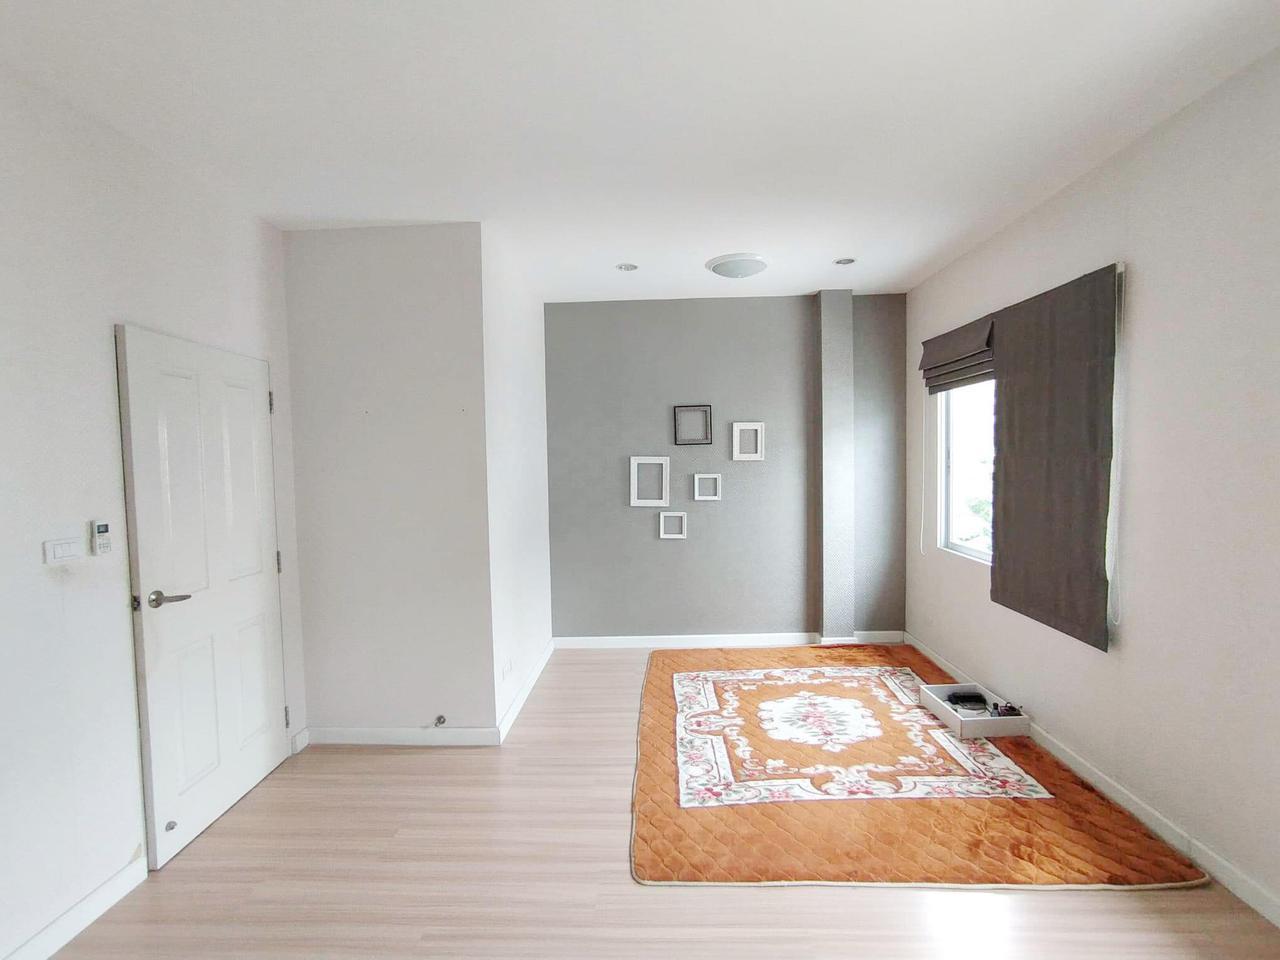 ขายเทาว์โฮม ขายบ้านมือสอง บ้านราคาถูก บ้านแปลงมุม บ้านมือสองสภาพดี รูปที่ 4